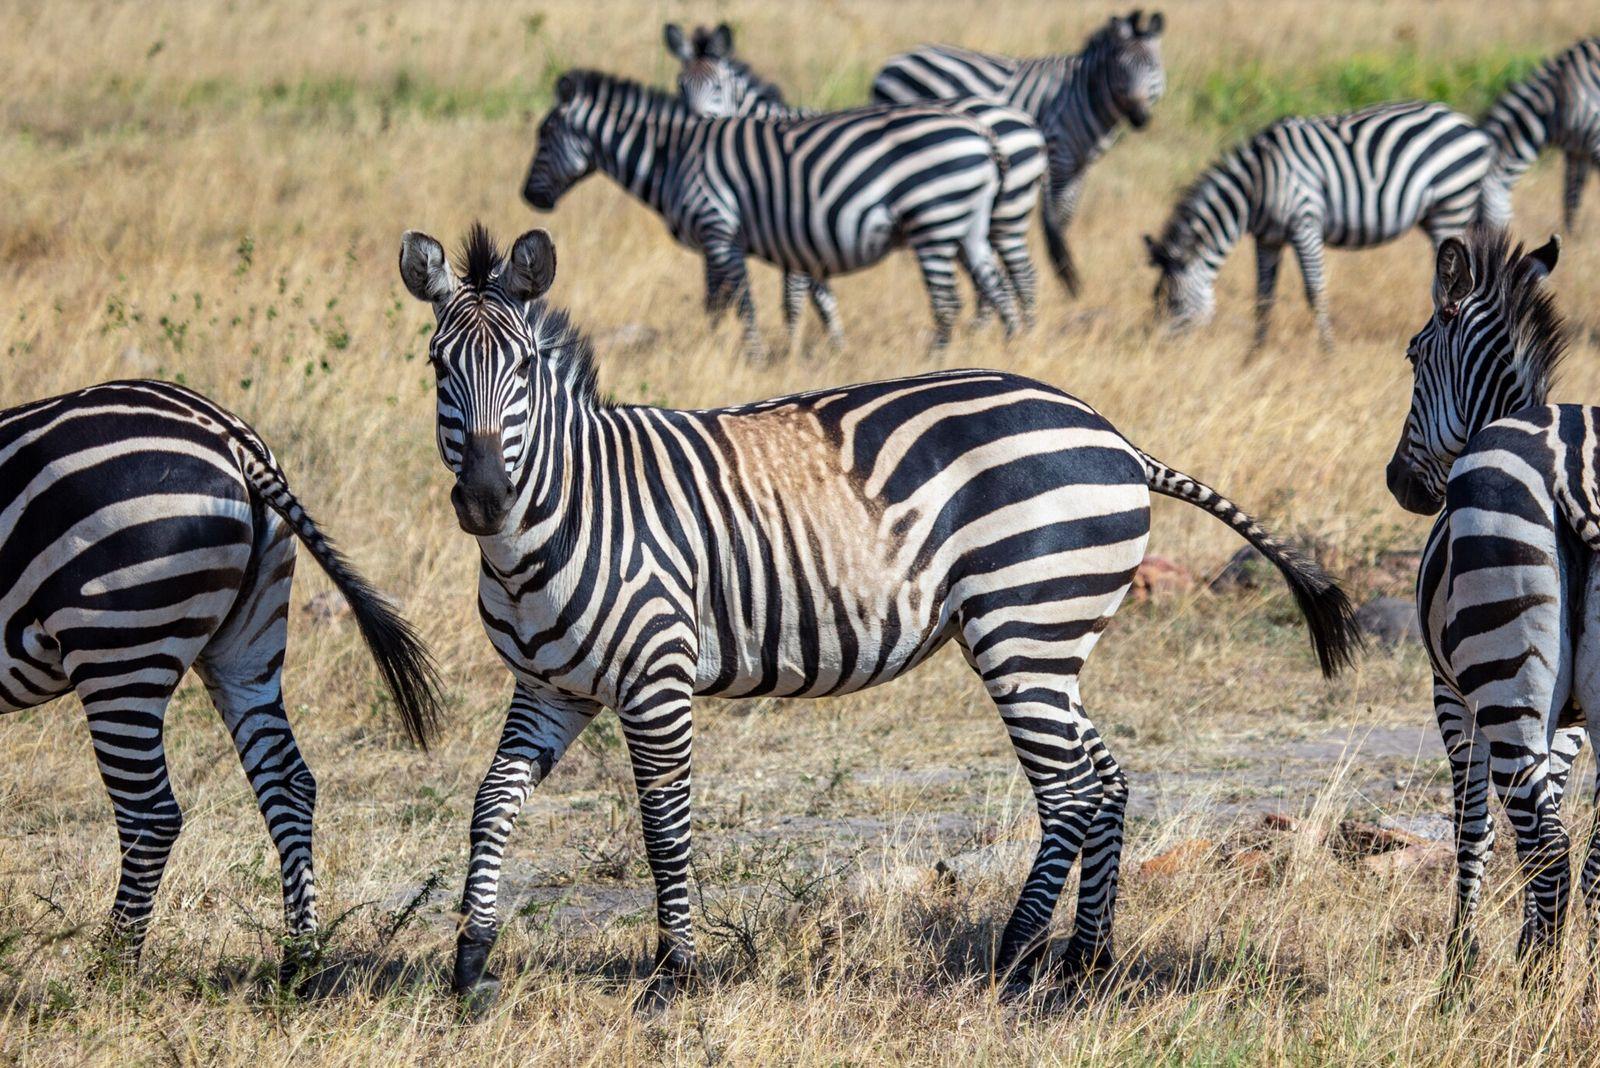 Las cebras con manchas y rayas atípicas podrían ser una advertencia sobre el futuro de la especie